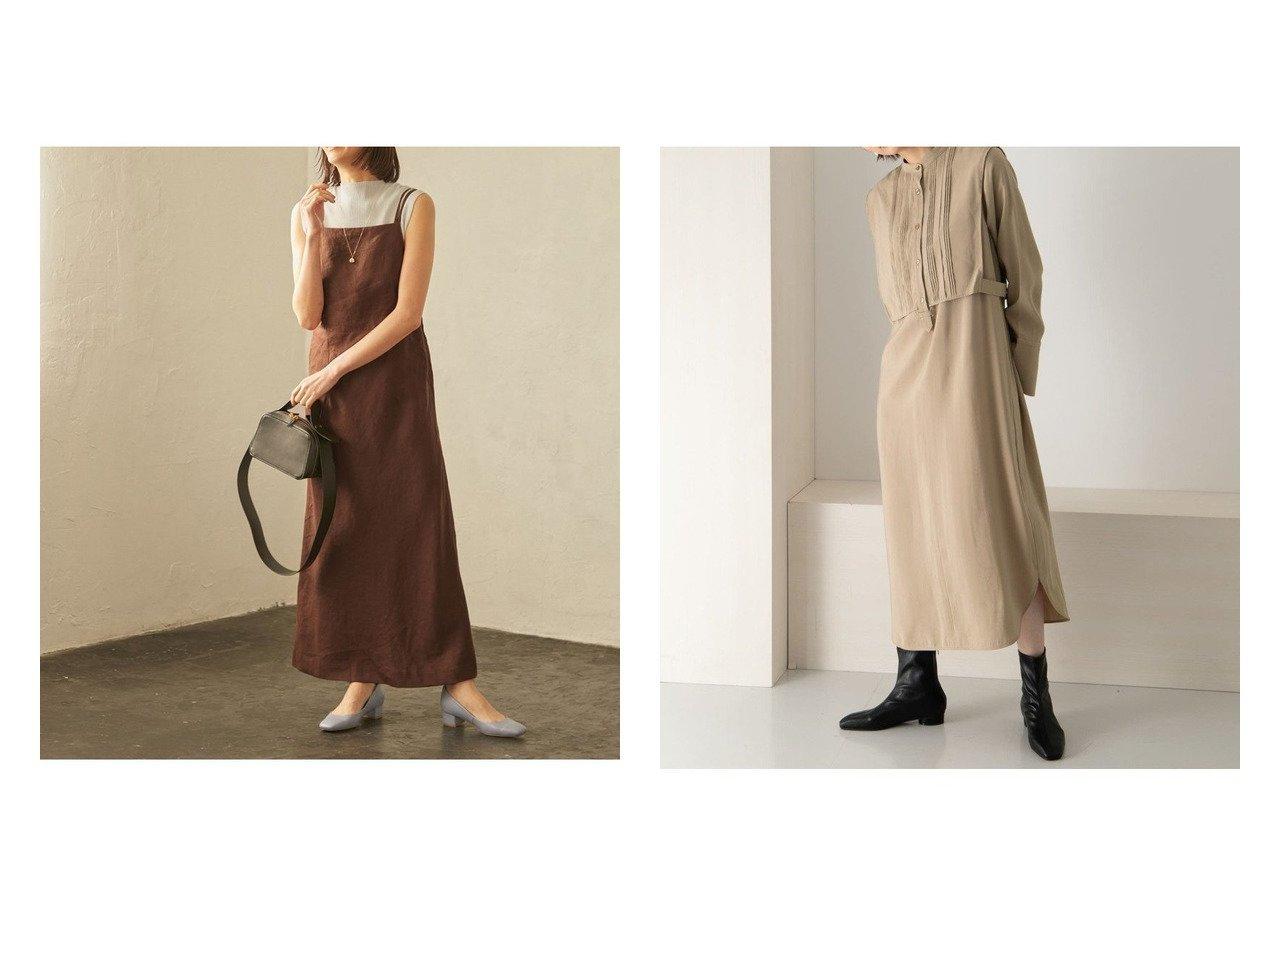 【KBF / URBAN RESEARCH/ケービーエフ】のピンタックレイヤードワンピース&【ROPE/ロペ】の【セット対応】リネンキャミワンピース ワンピース・ドレスのおすすめ!人気、トレンド・レディースファッションの通販 おすすめで人気の流行・トレンド、ファッションの通販商品 メンズファッション・キッズファッション・インテリア・家具・レディースファッション・服の通販 founy(ファニー) https://founy.com/ ファッション Fashion レディースファッション WOMEN ワンピース Dress キャミワンピース No Sleeve Dresses カーディガン キャミソール キャミワンピース ジャケット スクエア チェック ドレス ドレープ ポケット リネン NEW・新作・新着・新入荷 New Arrivals  ID:crp329100000011957